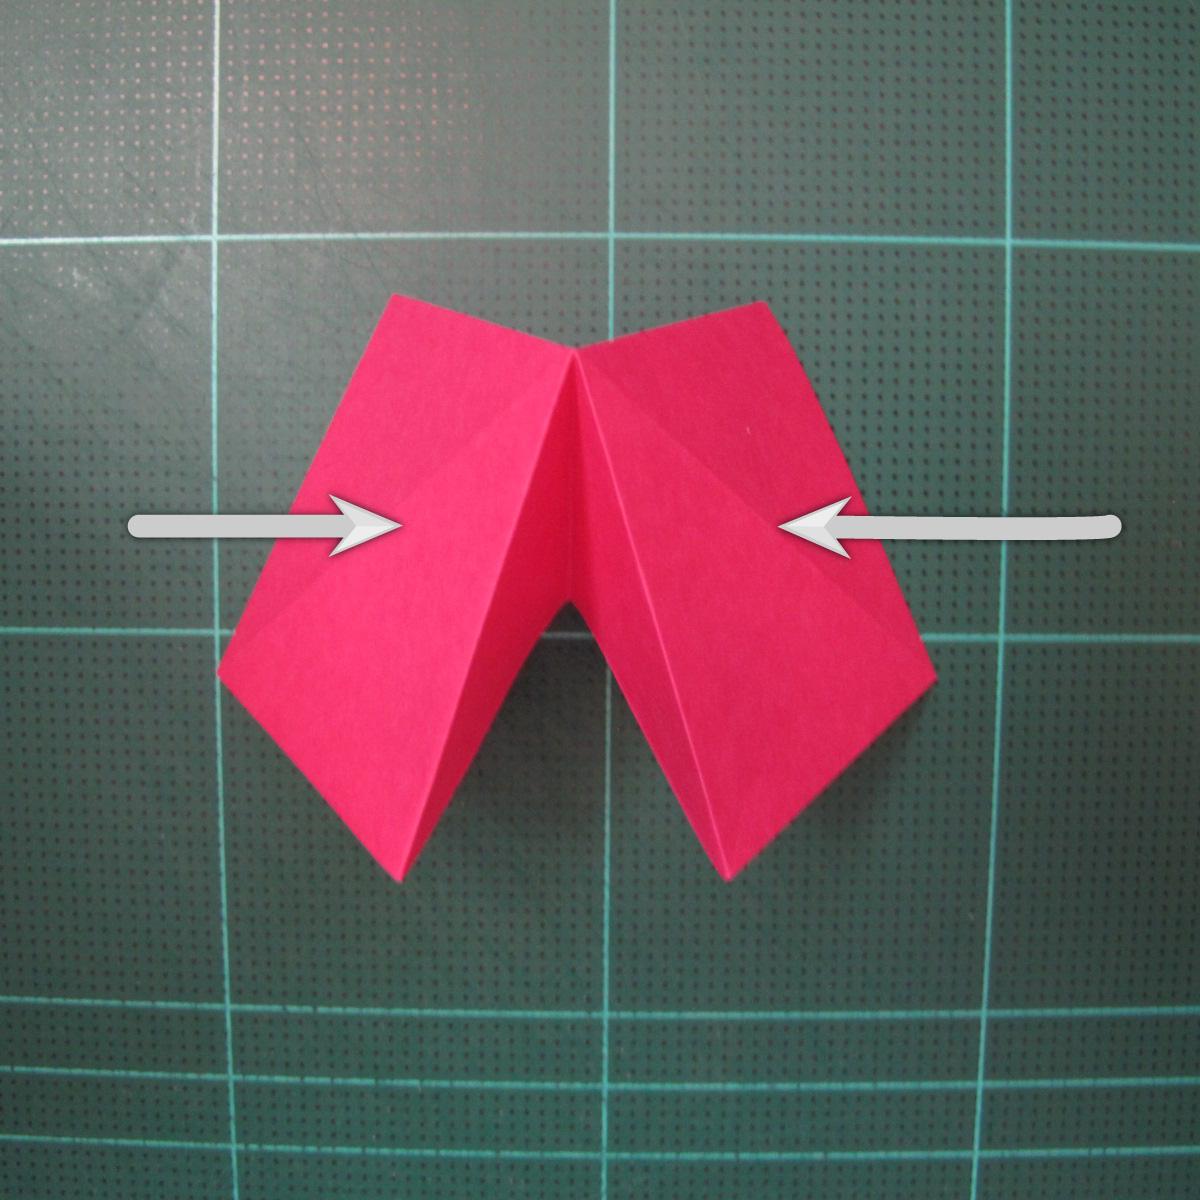 การพับกระดาษแบบโมดูล่าเป็นดาวสปาราซิส (Modular Origami Sparaxis Star) 005